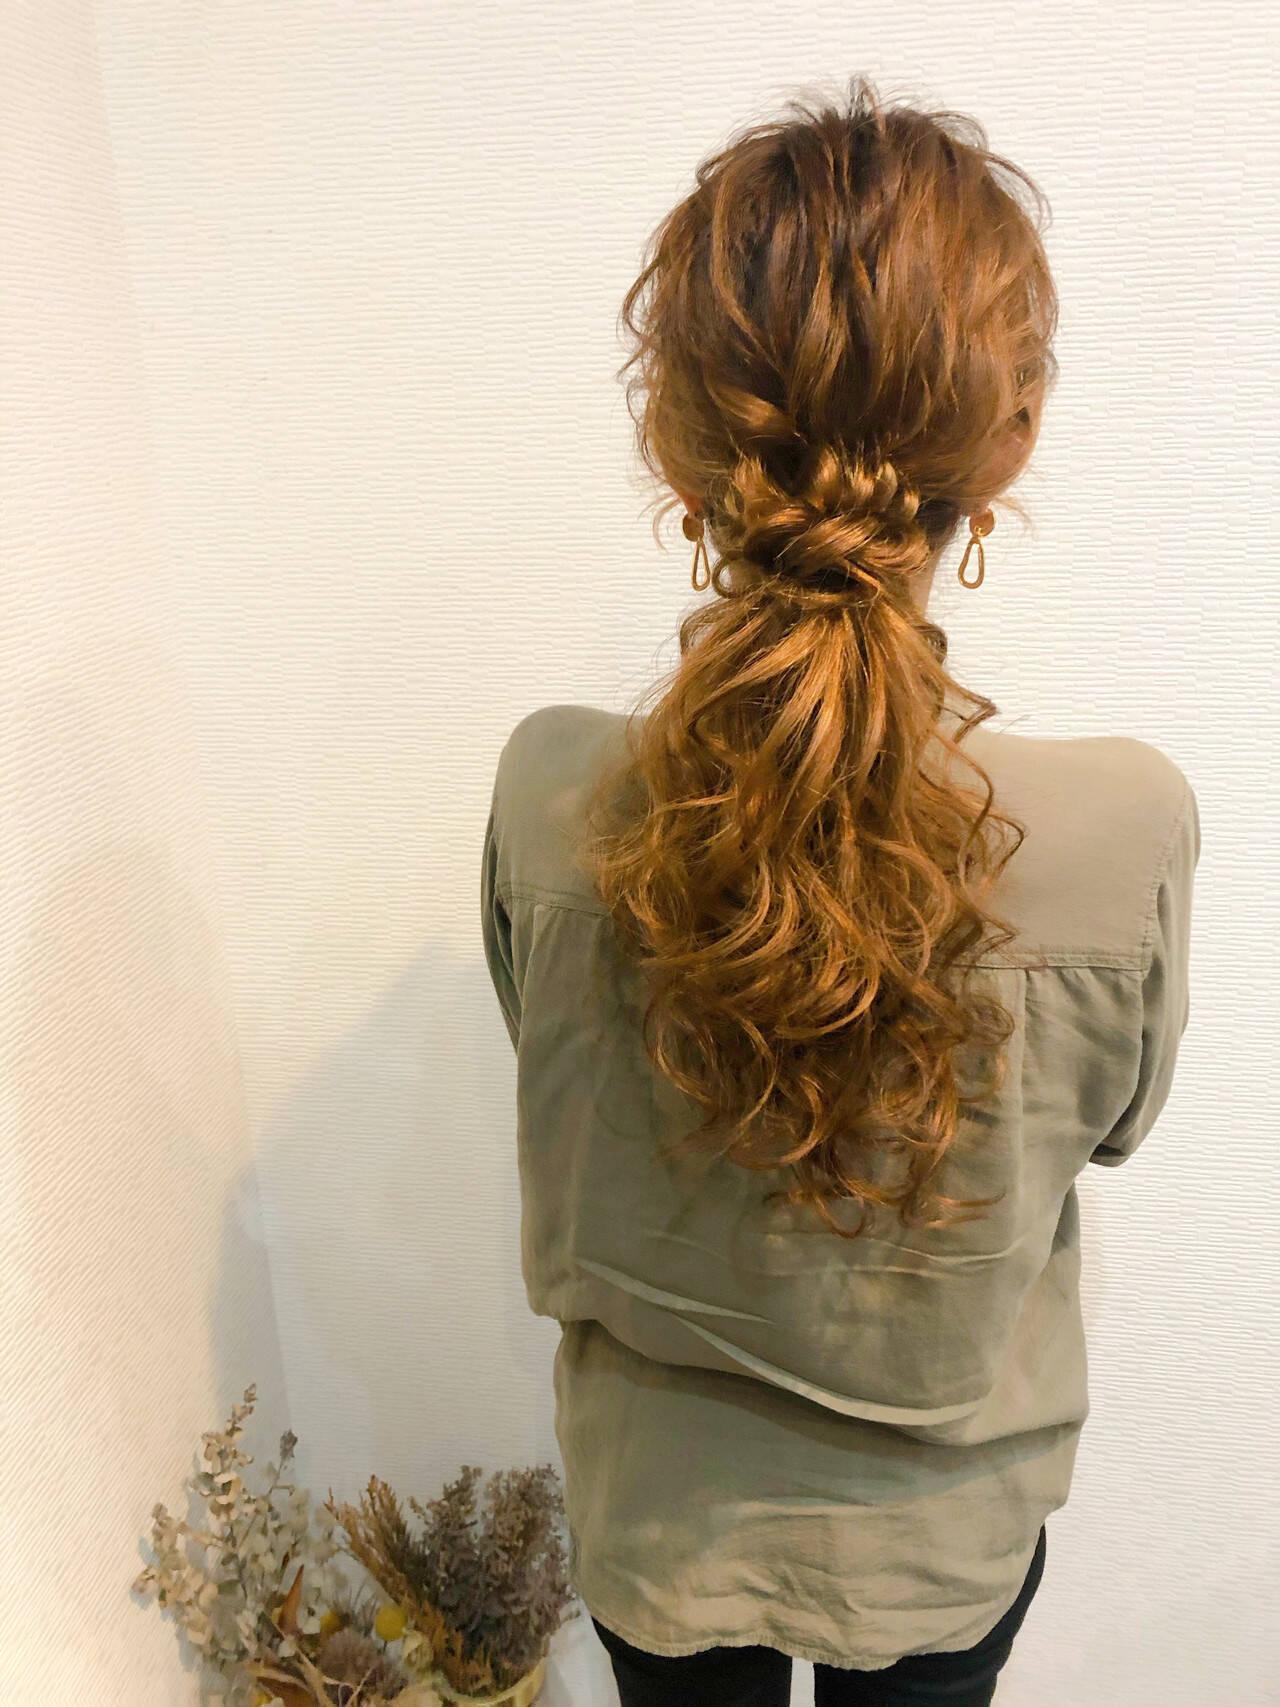 ローポニー ポニーテール ポニーテールアレンジ ヘアセットヘアスタイルや髪型の写真・画像